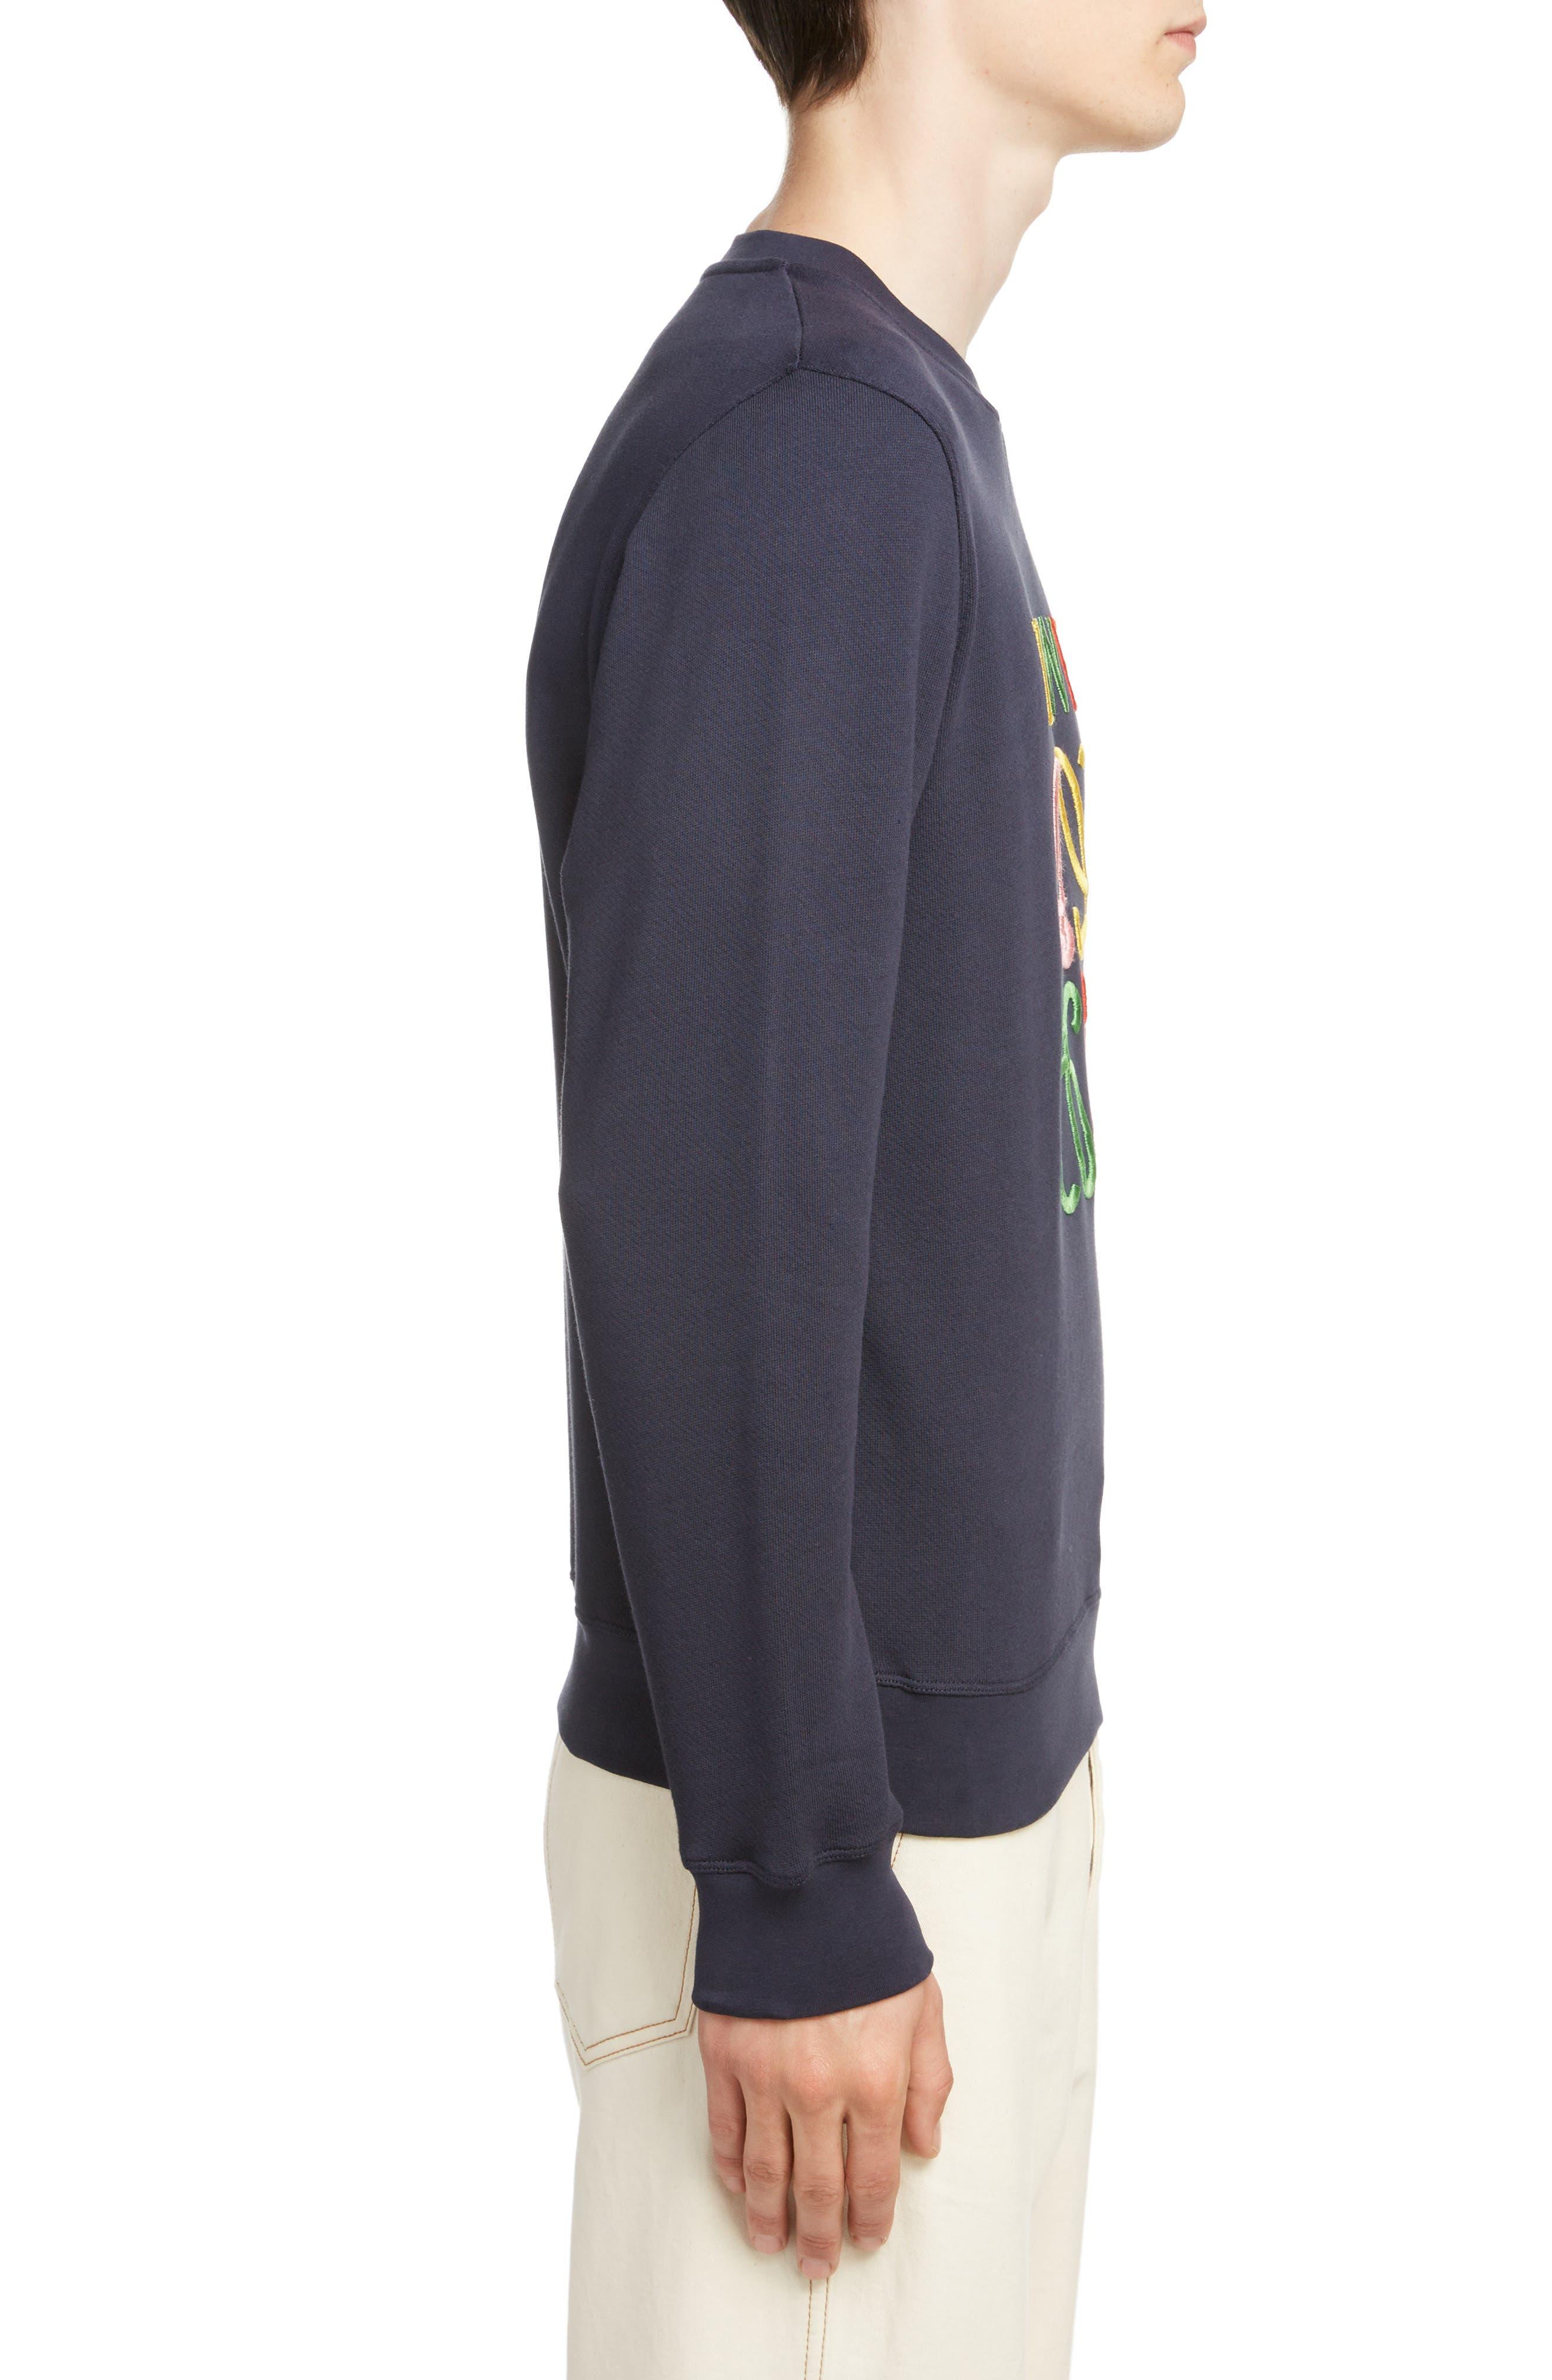 LOEWE, Anagram Sweatshirt, Alternate thumbnail 3, color, 5387-NAVY BLUE/ MULTICOLOR